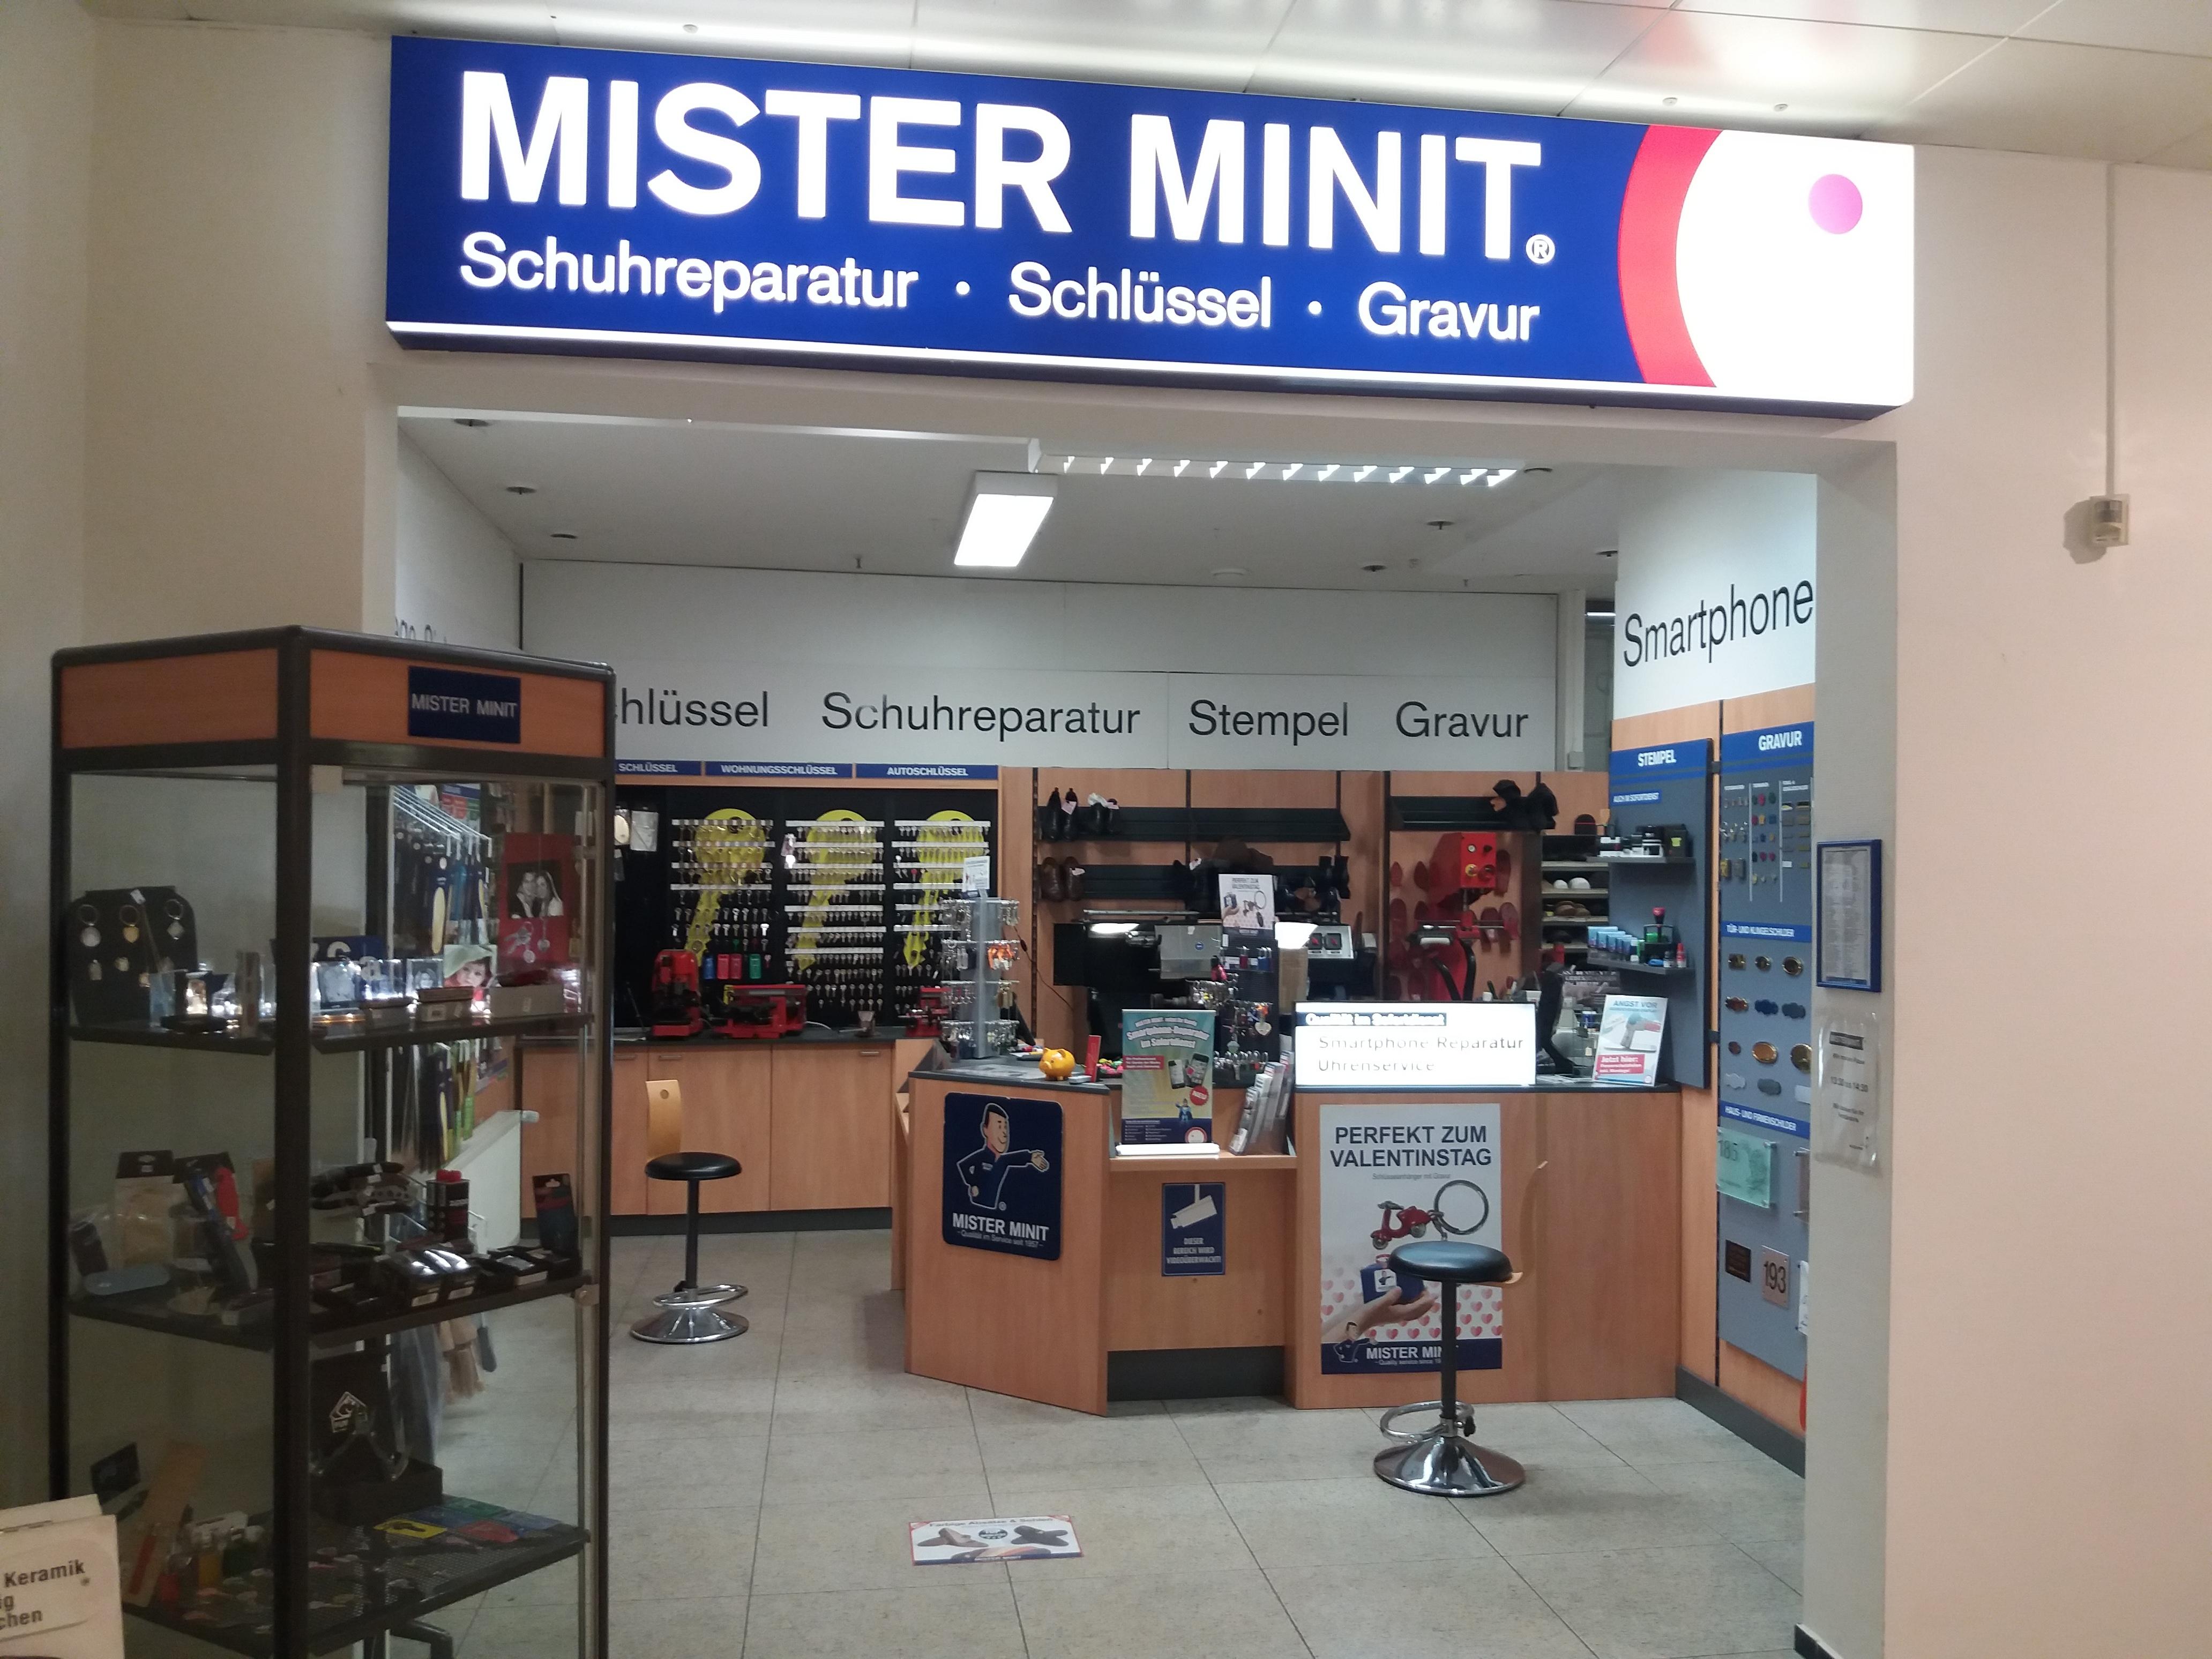 Mister Minit Karstadt Rhein Neckar Zentrum Viernheim Mister Minit